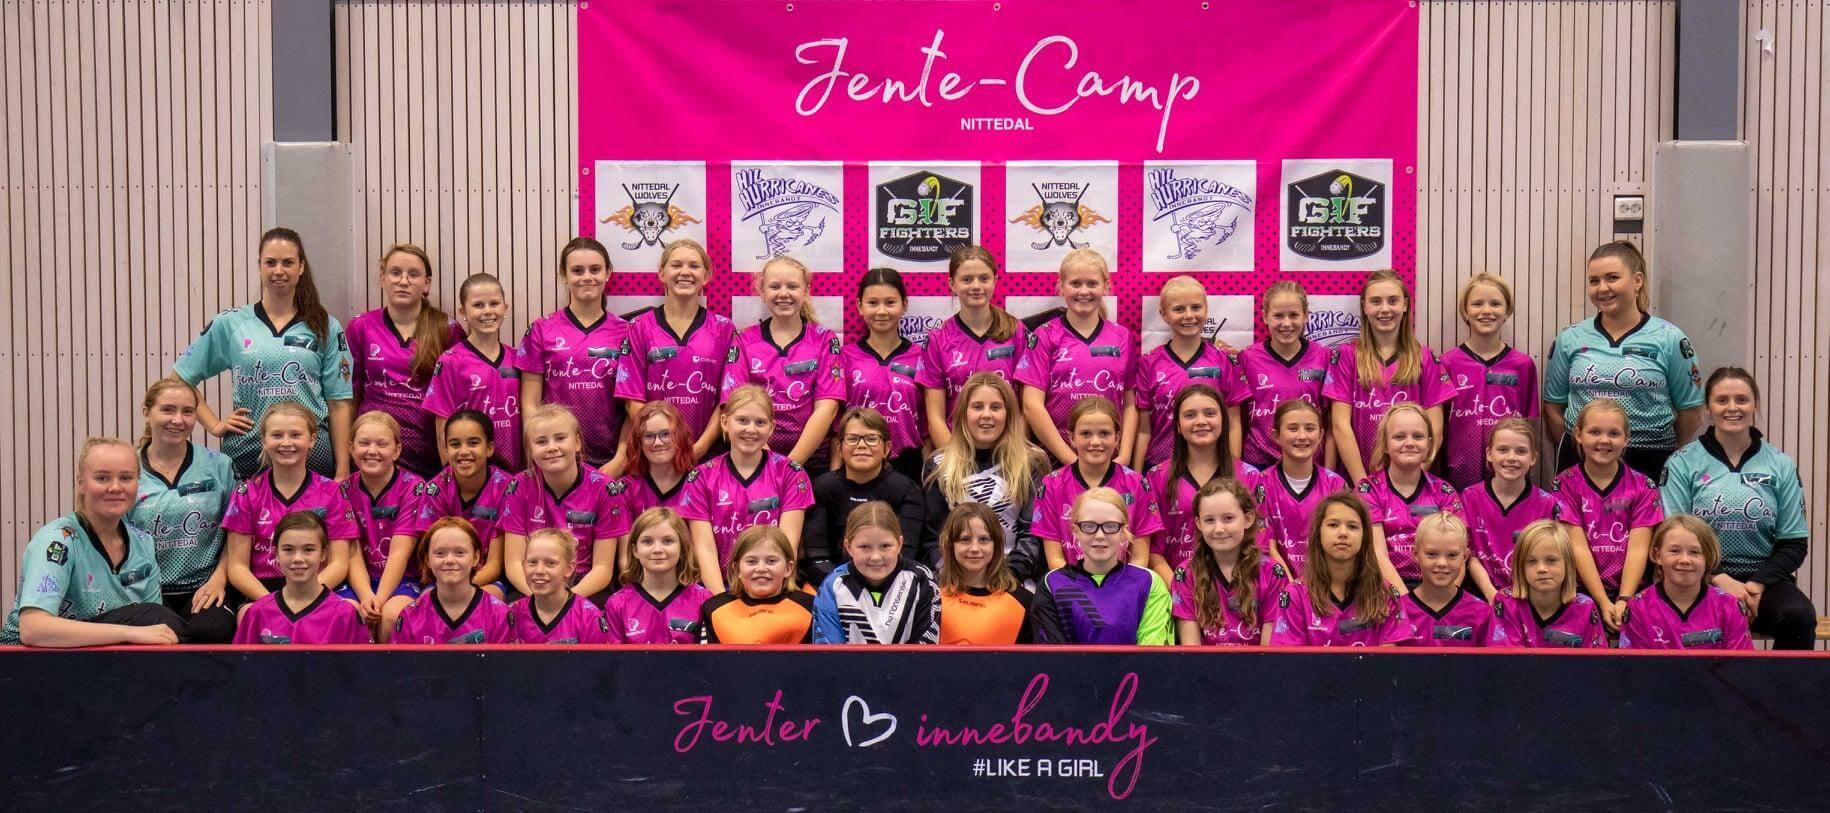 112 deltakere under årets Jente-Camp er rekord, her et lagbilde av de eldste jentene. Foto: Lars Dahl Friestad